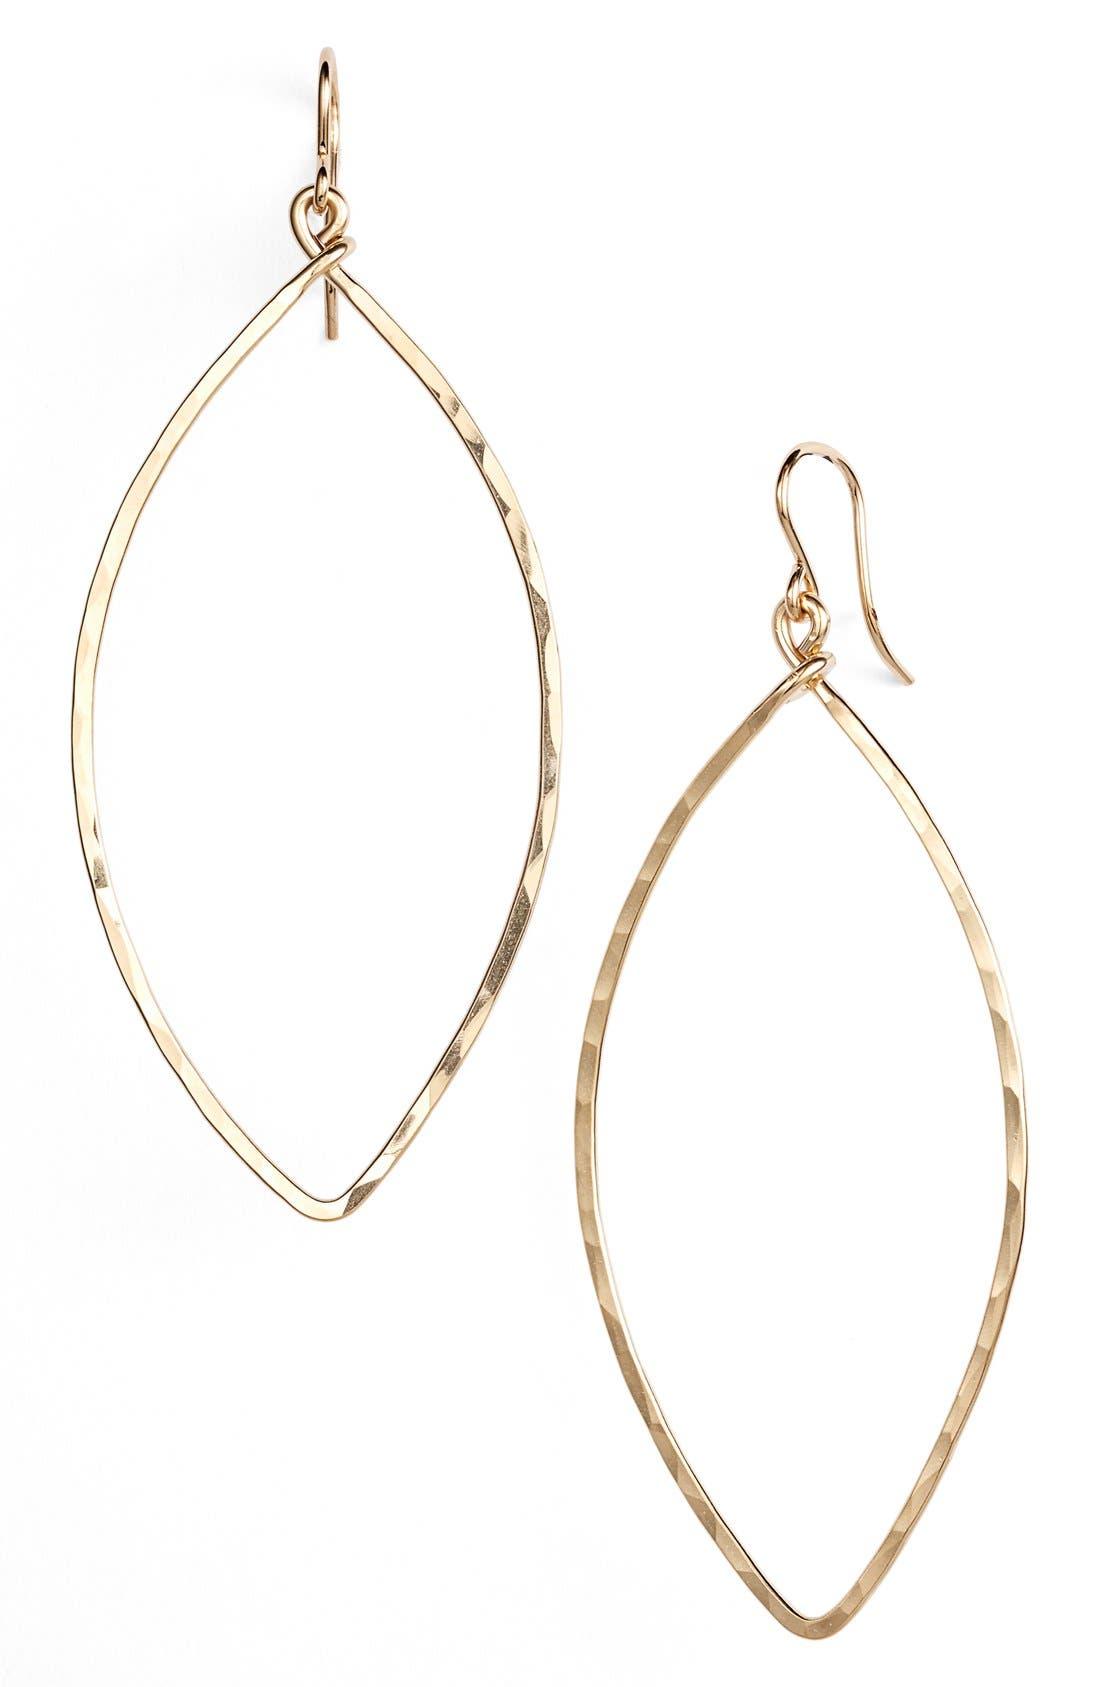 Alternate Image 1 Selected - Nashelle Ija Oblong Hoop Earrings